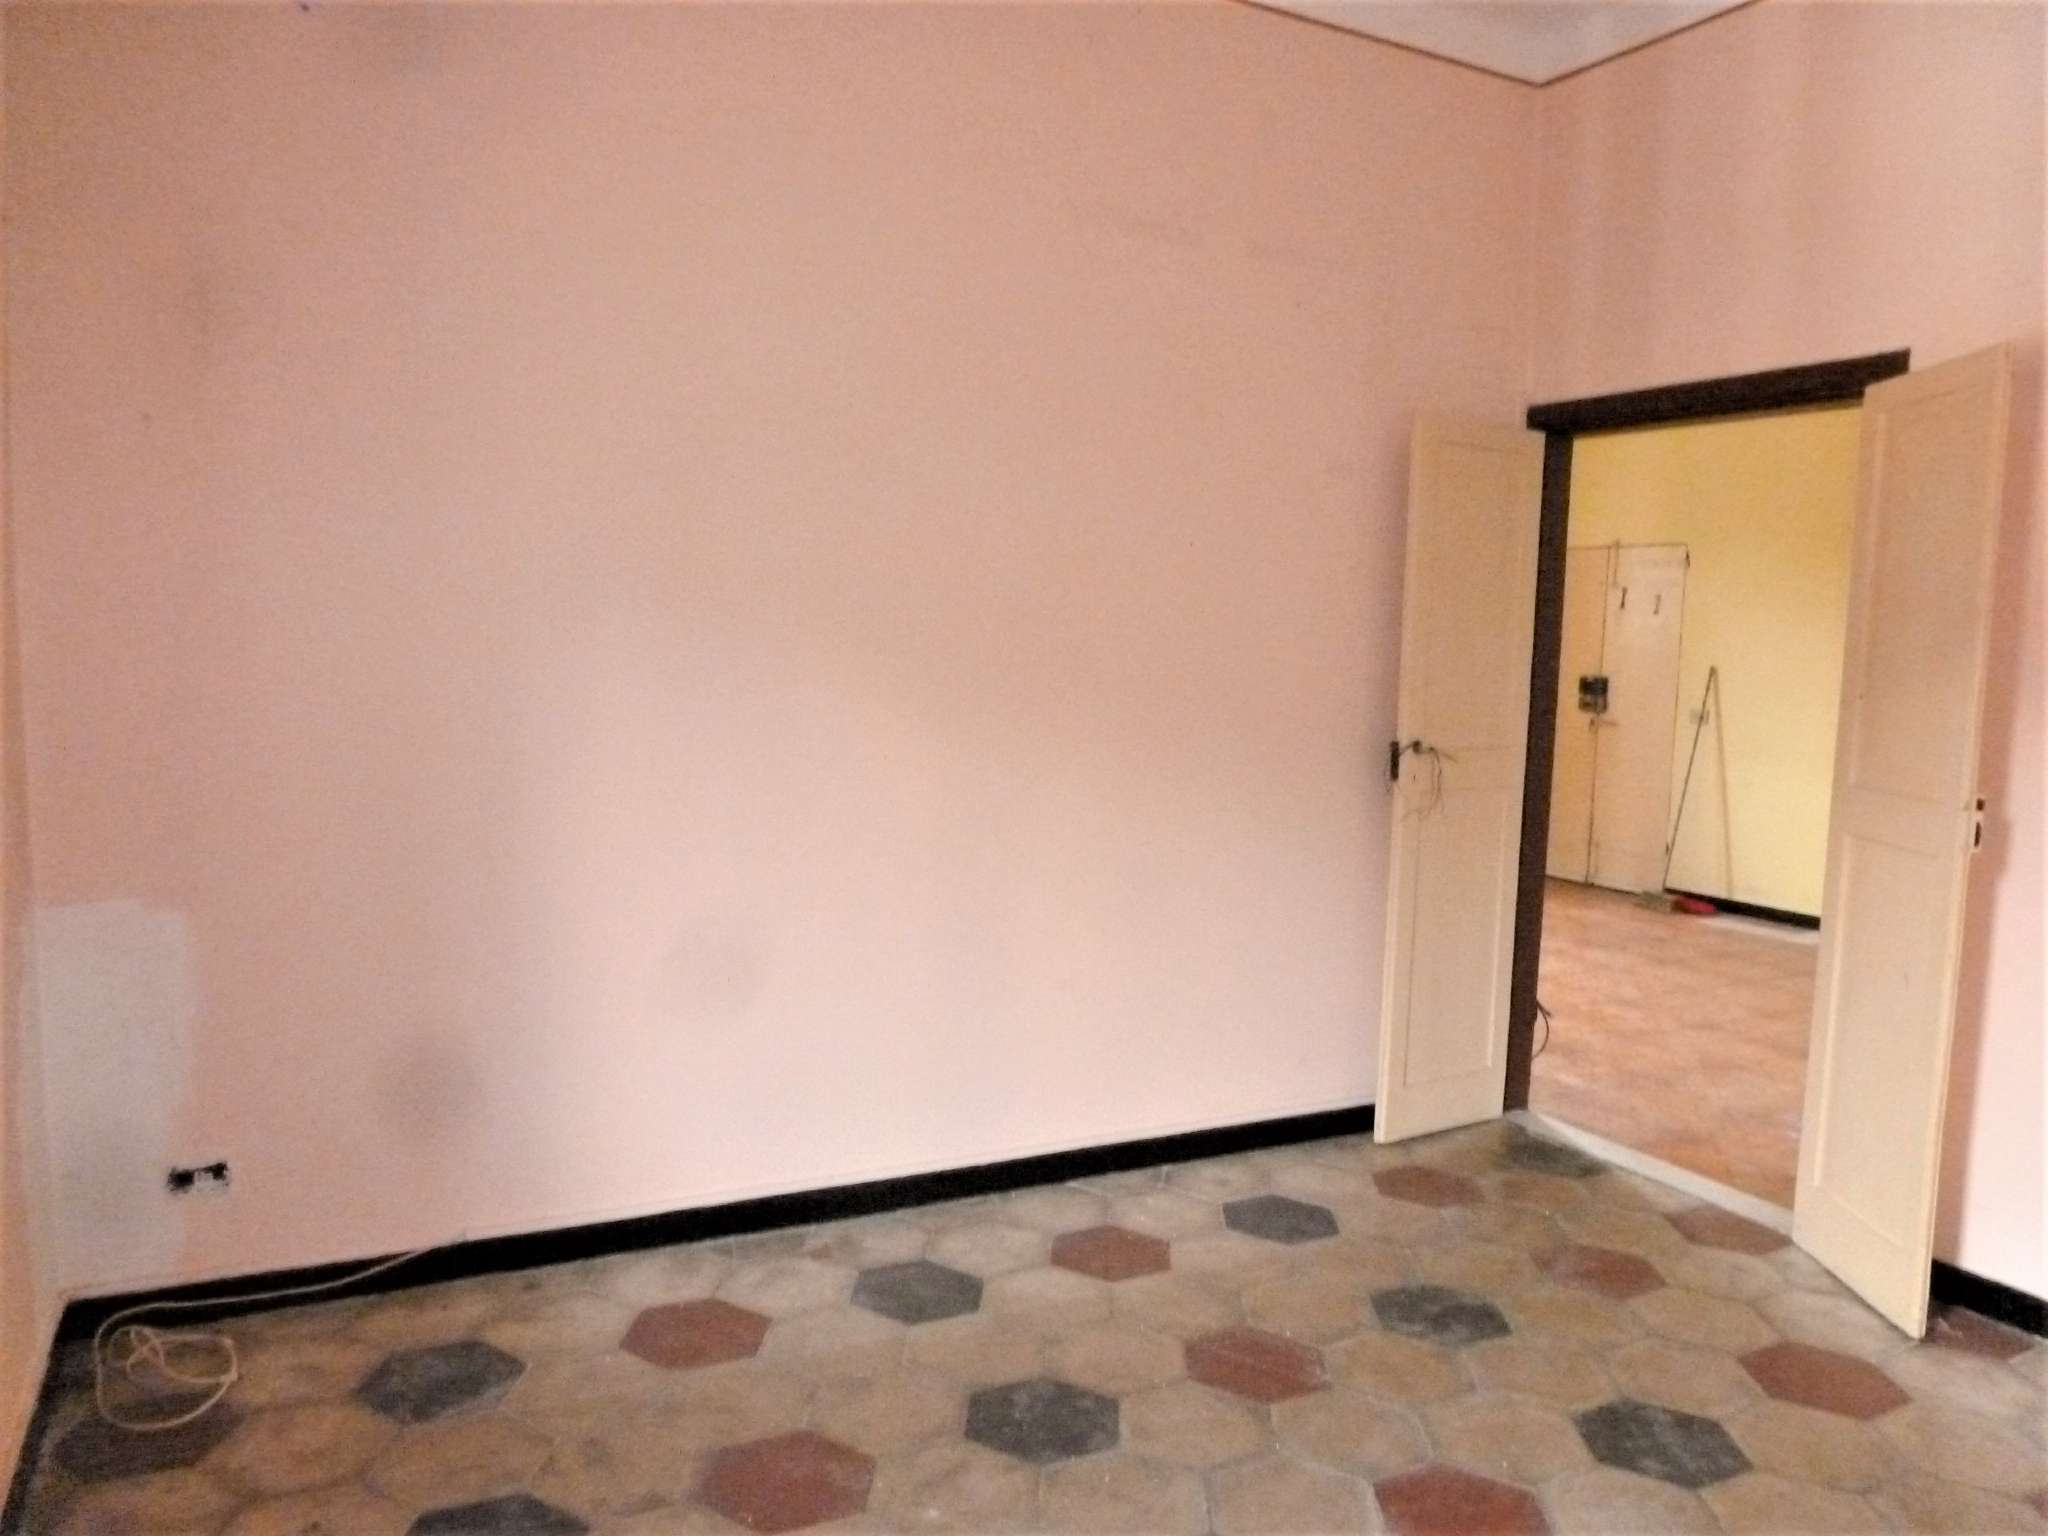 Appartamento in vendita a Mignanego, 9999 locali, prezzo € 20.000 | PortaleAgenzieImmobiliari.it